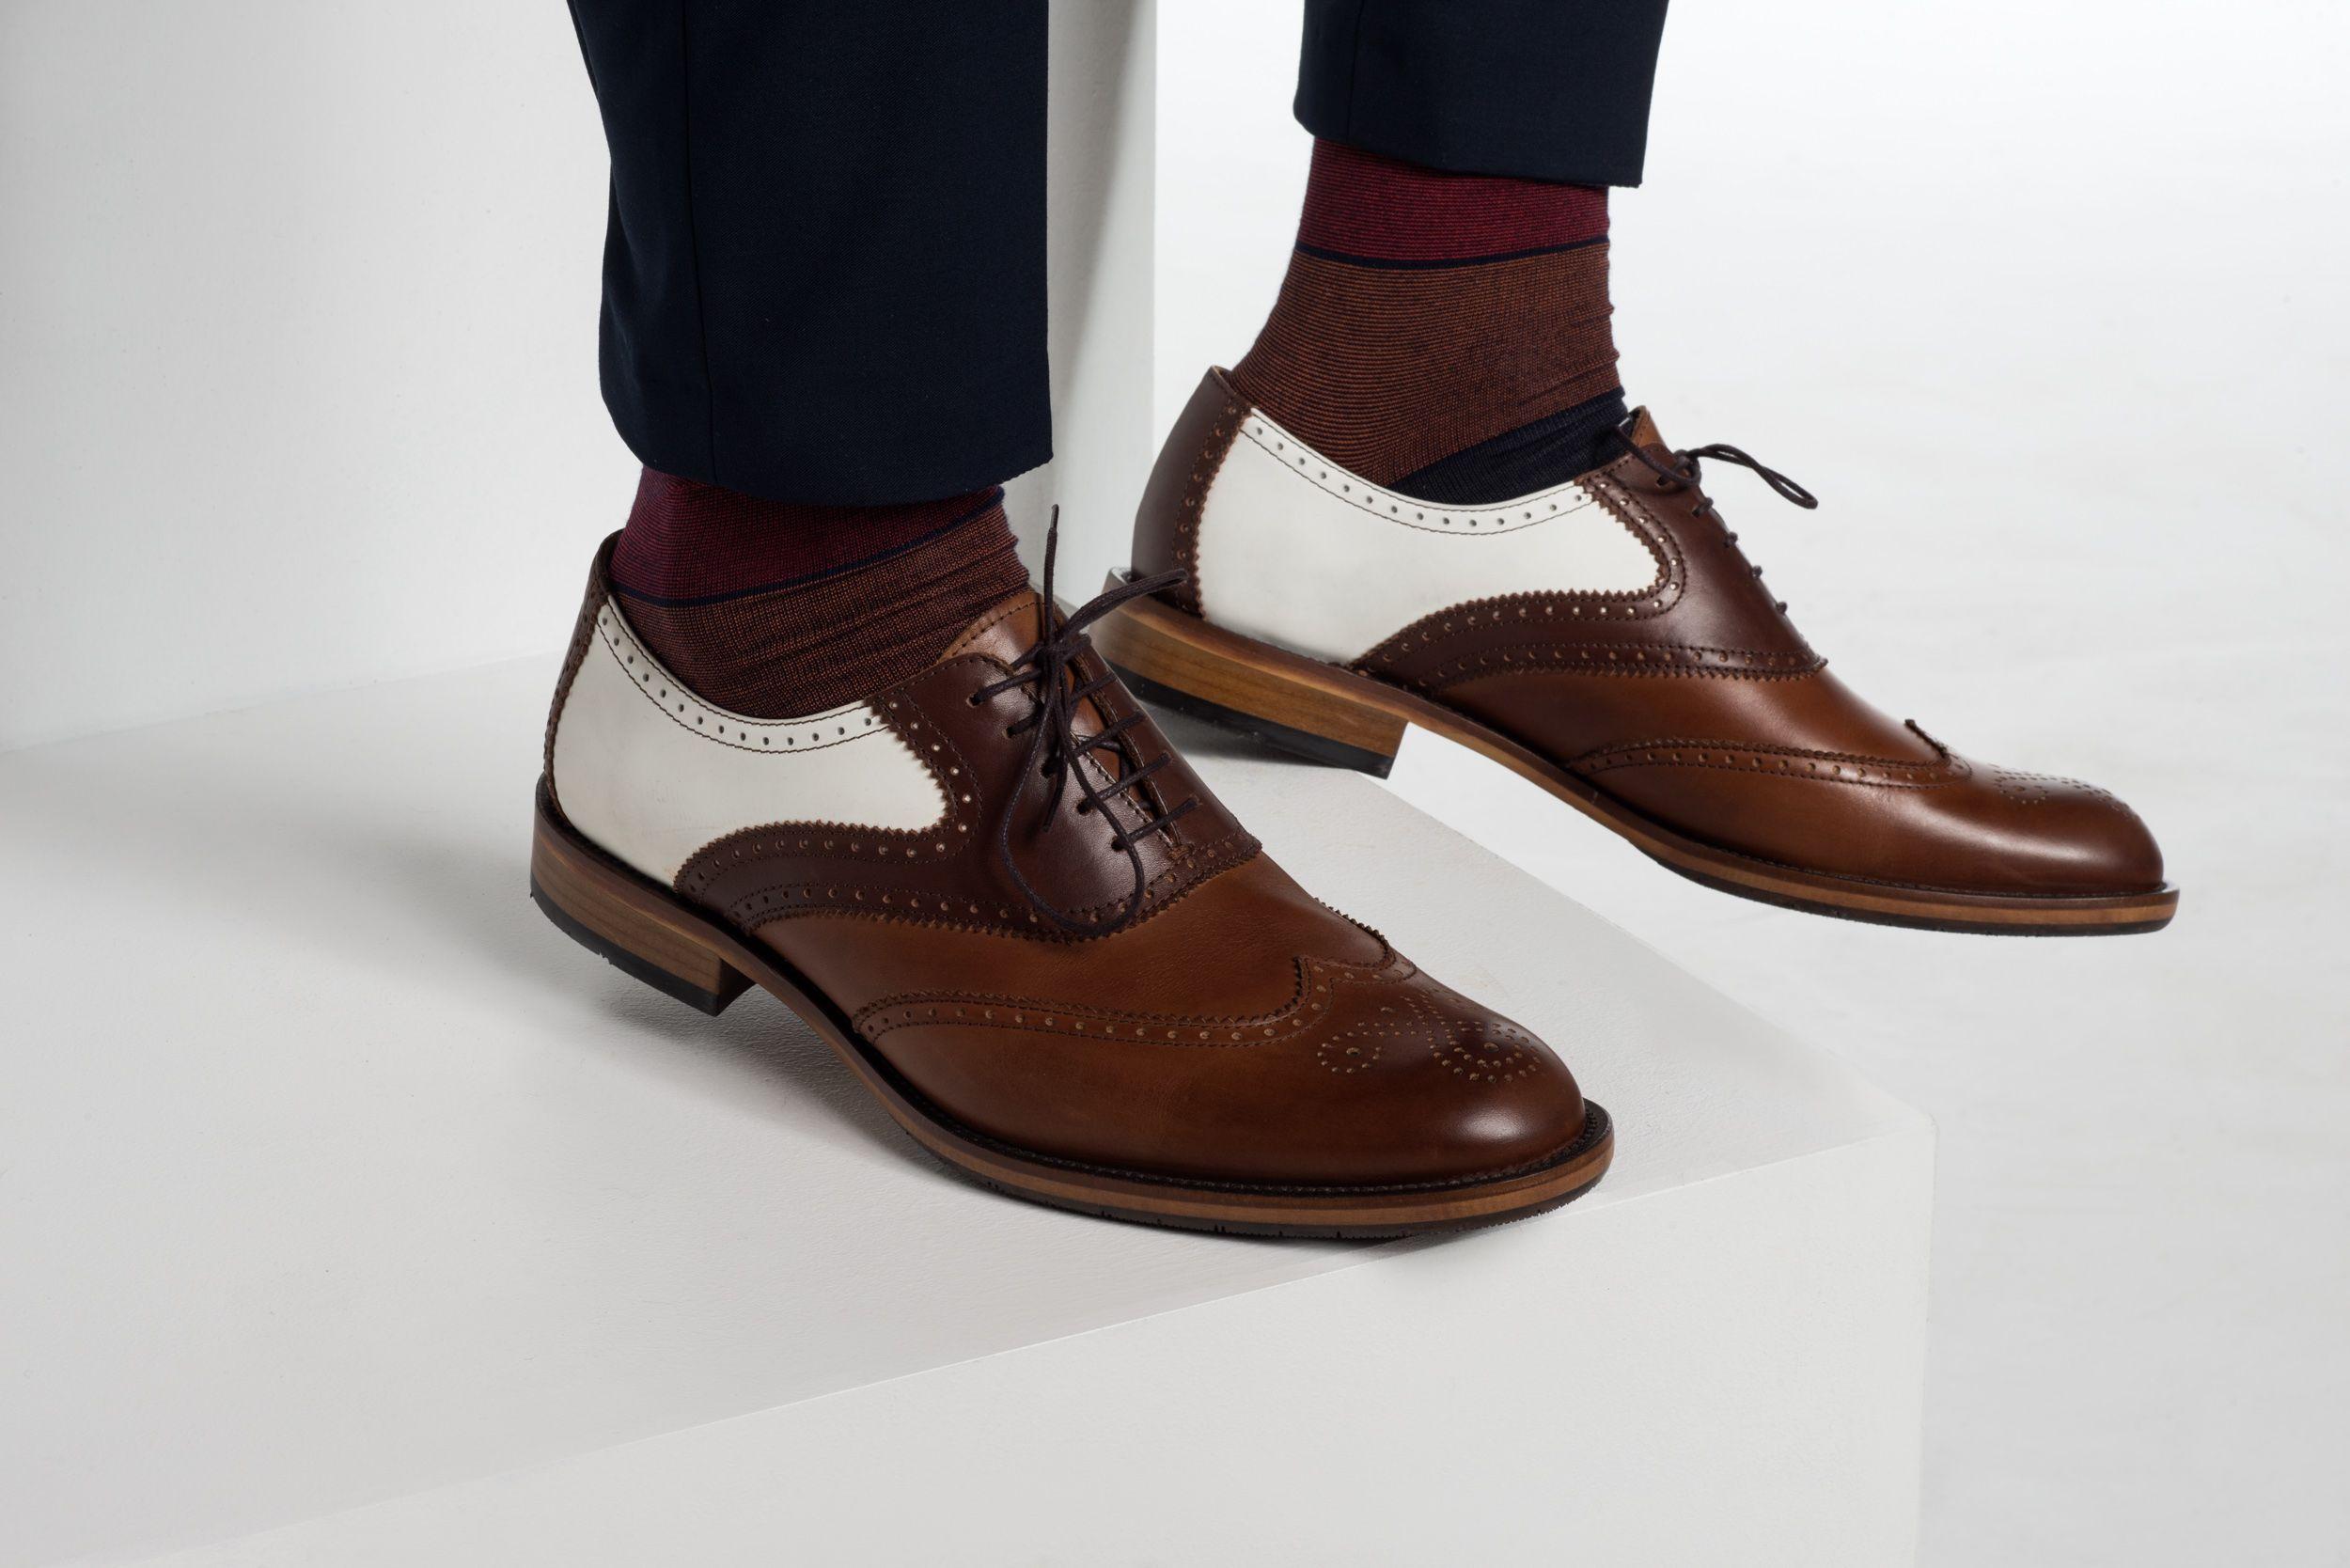 Prezentujemy Wam Buty Skorzane Typu Oxford W Modnych Jesiennych Kolorach Idealnie Sprawdza Sie Do Stroju Polformalnego Czy Dress Shoes Men Oxford Shoes Shoes